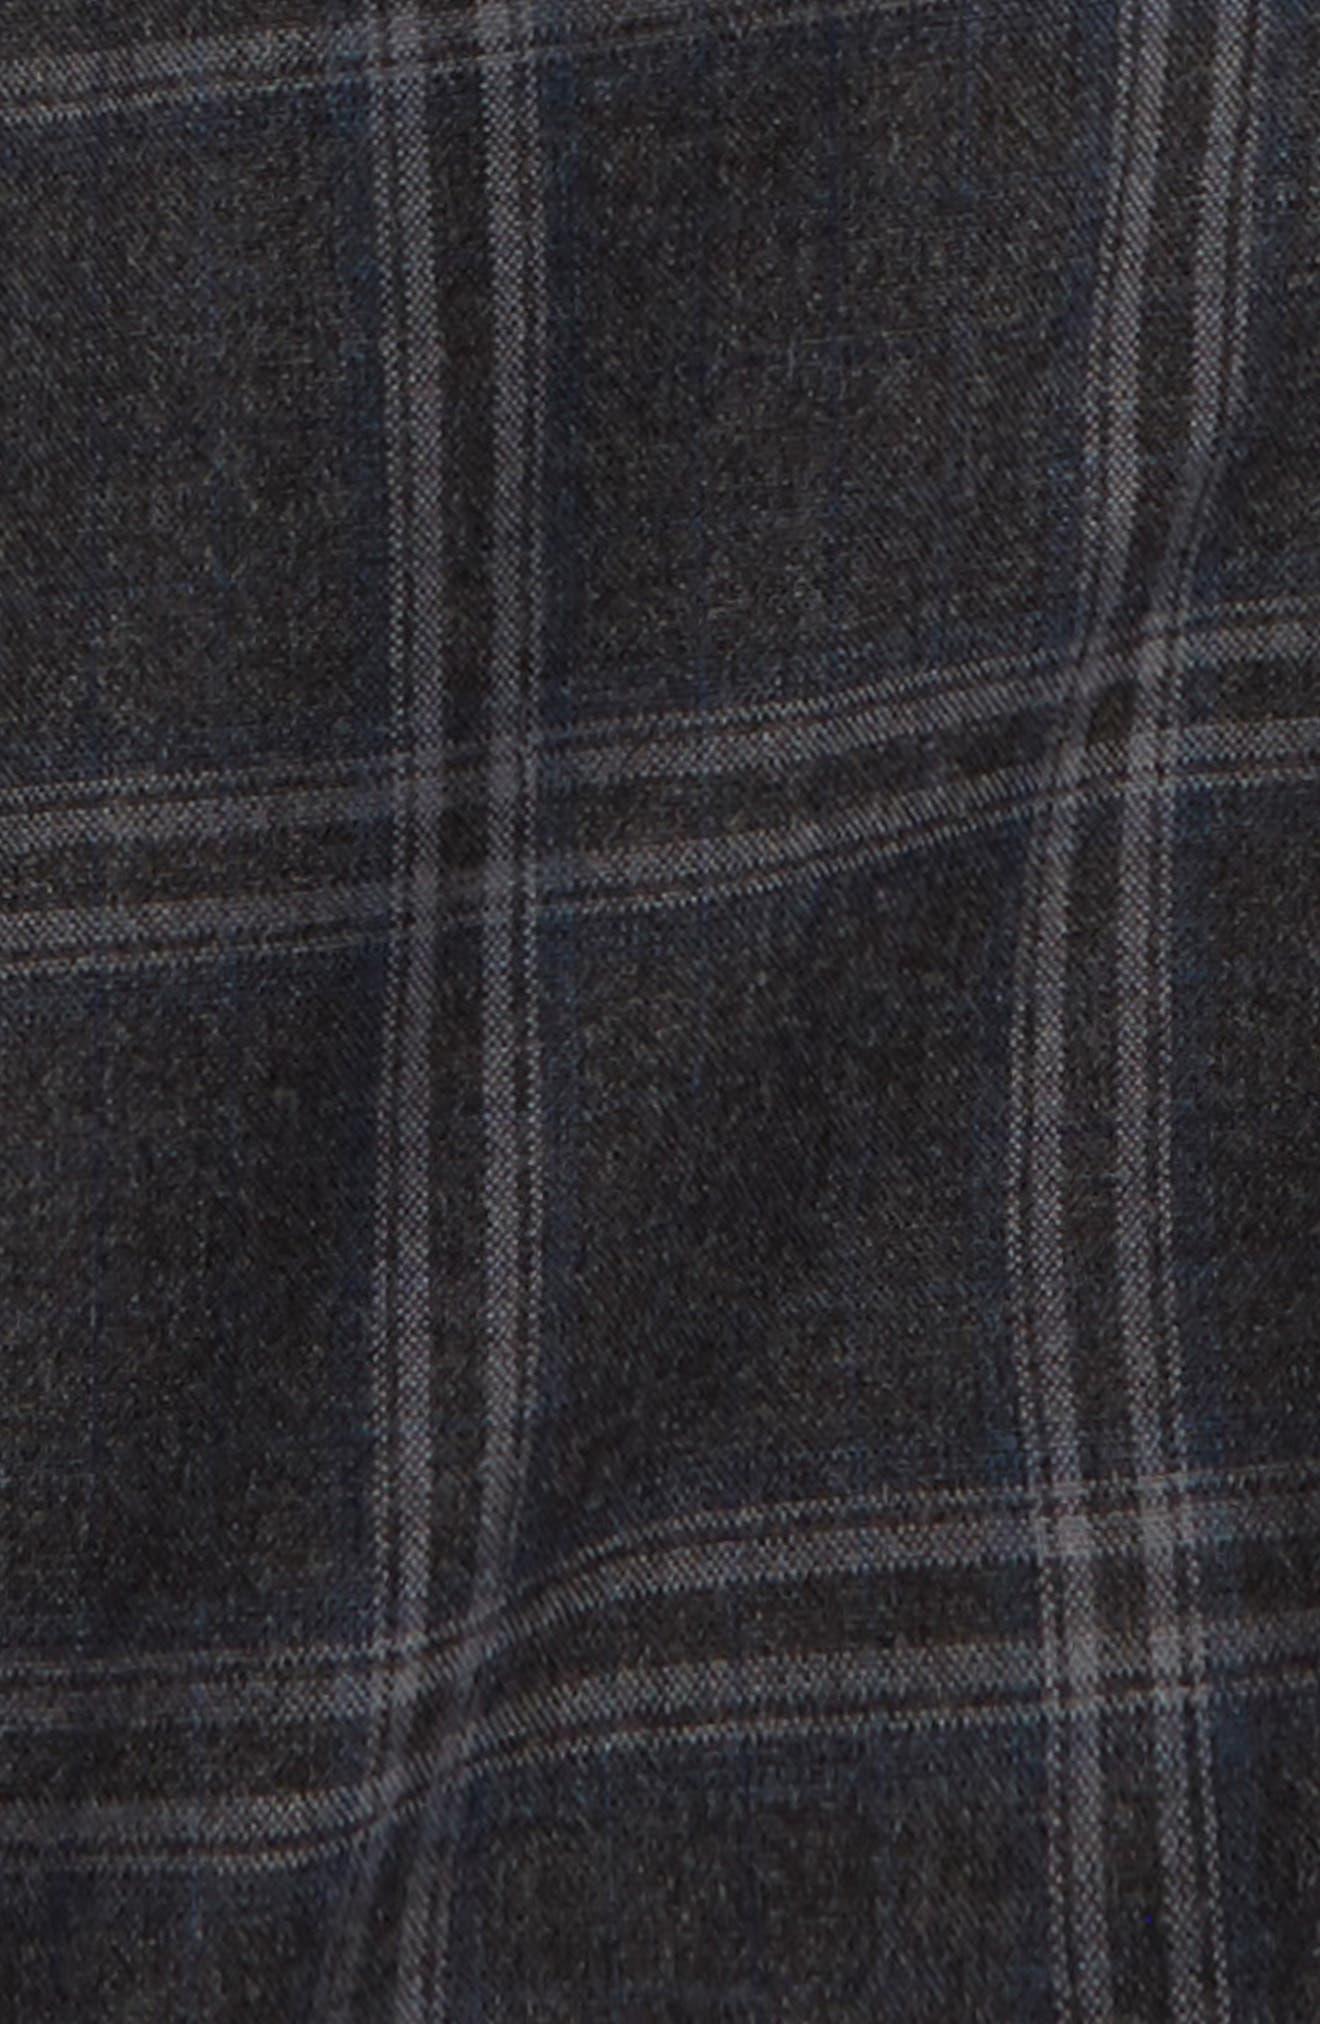 Regeneration Plaid Shorts,                             Alternate thumbnail 2, color,                             020